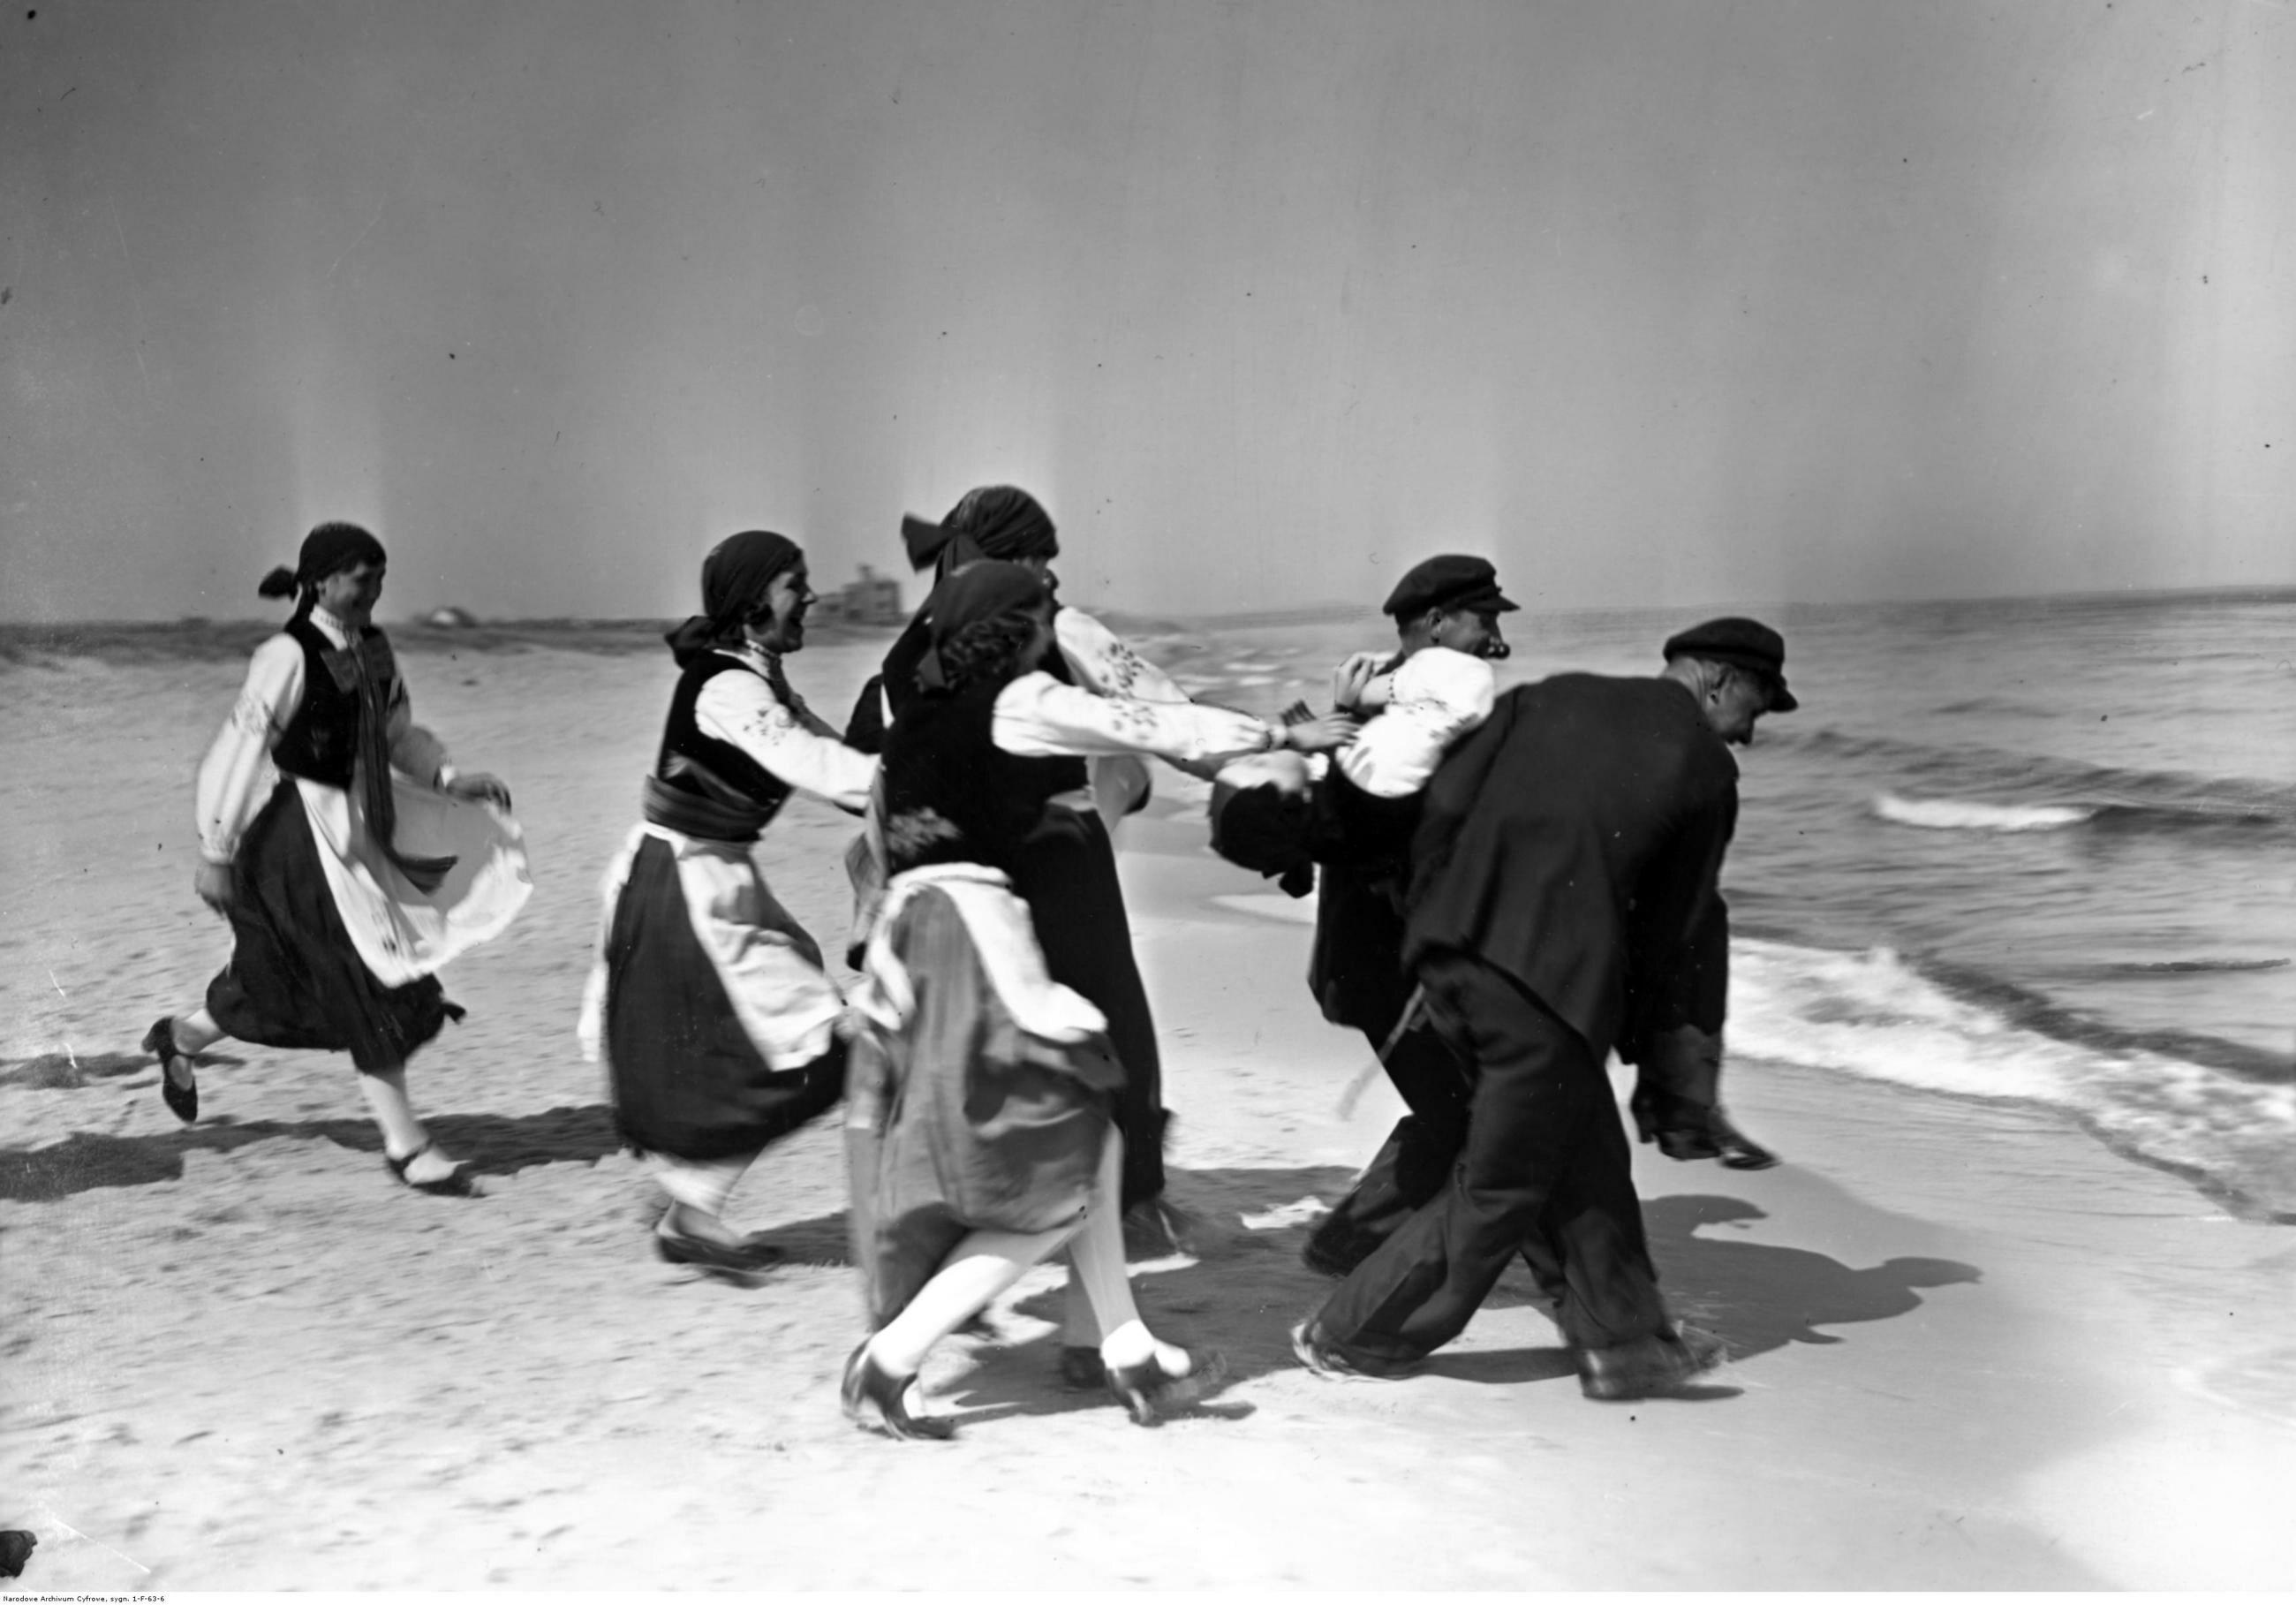 Wielka Wieś Hallerowo Kaszubi podczas zabawy nad Bałtykiem, rok 1935 lub 1936.